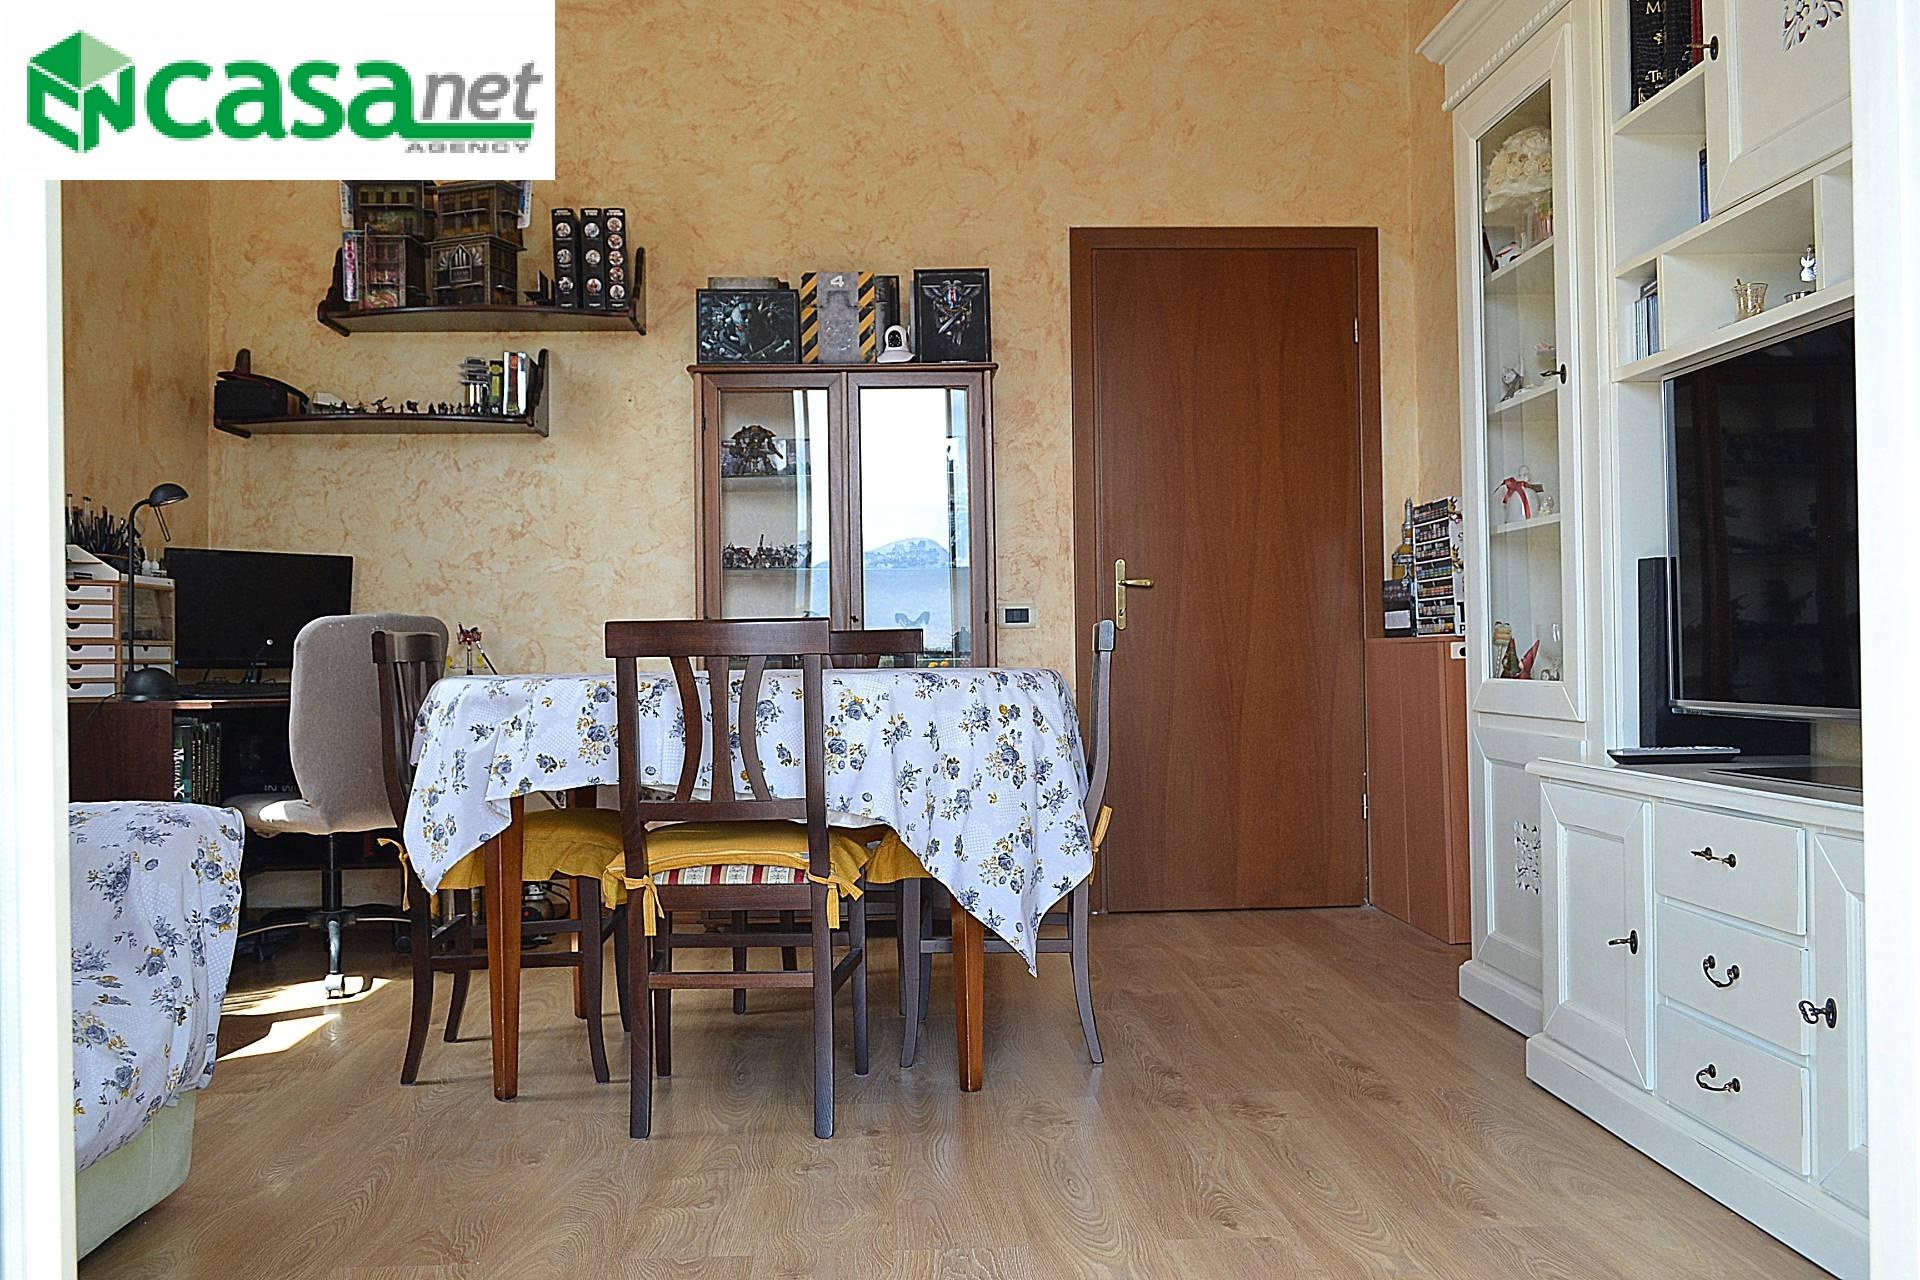 Appartamento in vendita a Guidonia Montecelio, 2 locali, zona Zona: Guidonia, prezzo € 94.000 | CambioCasa.it